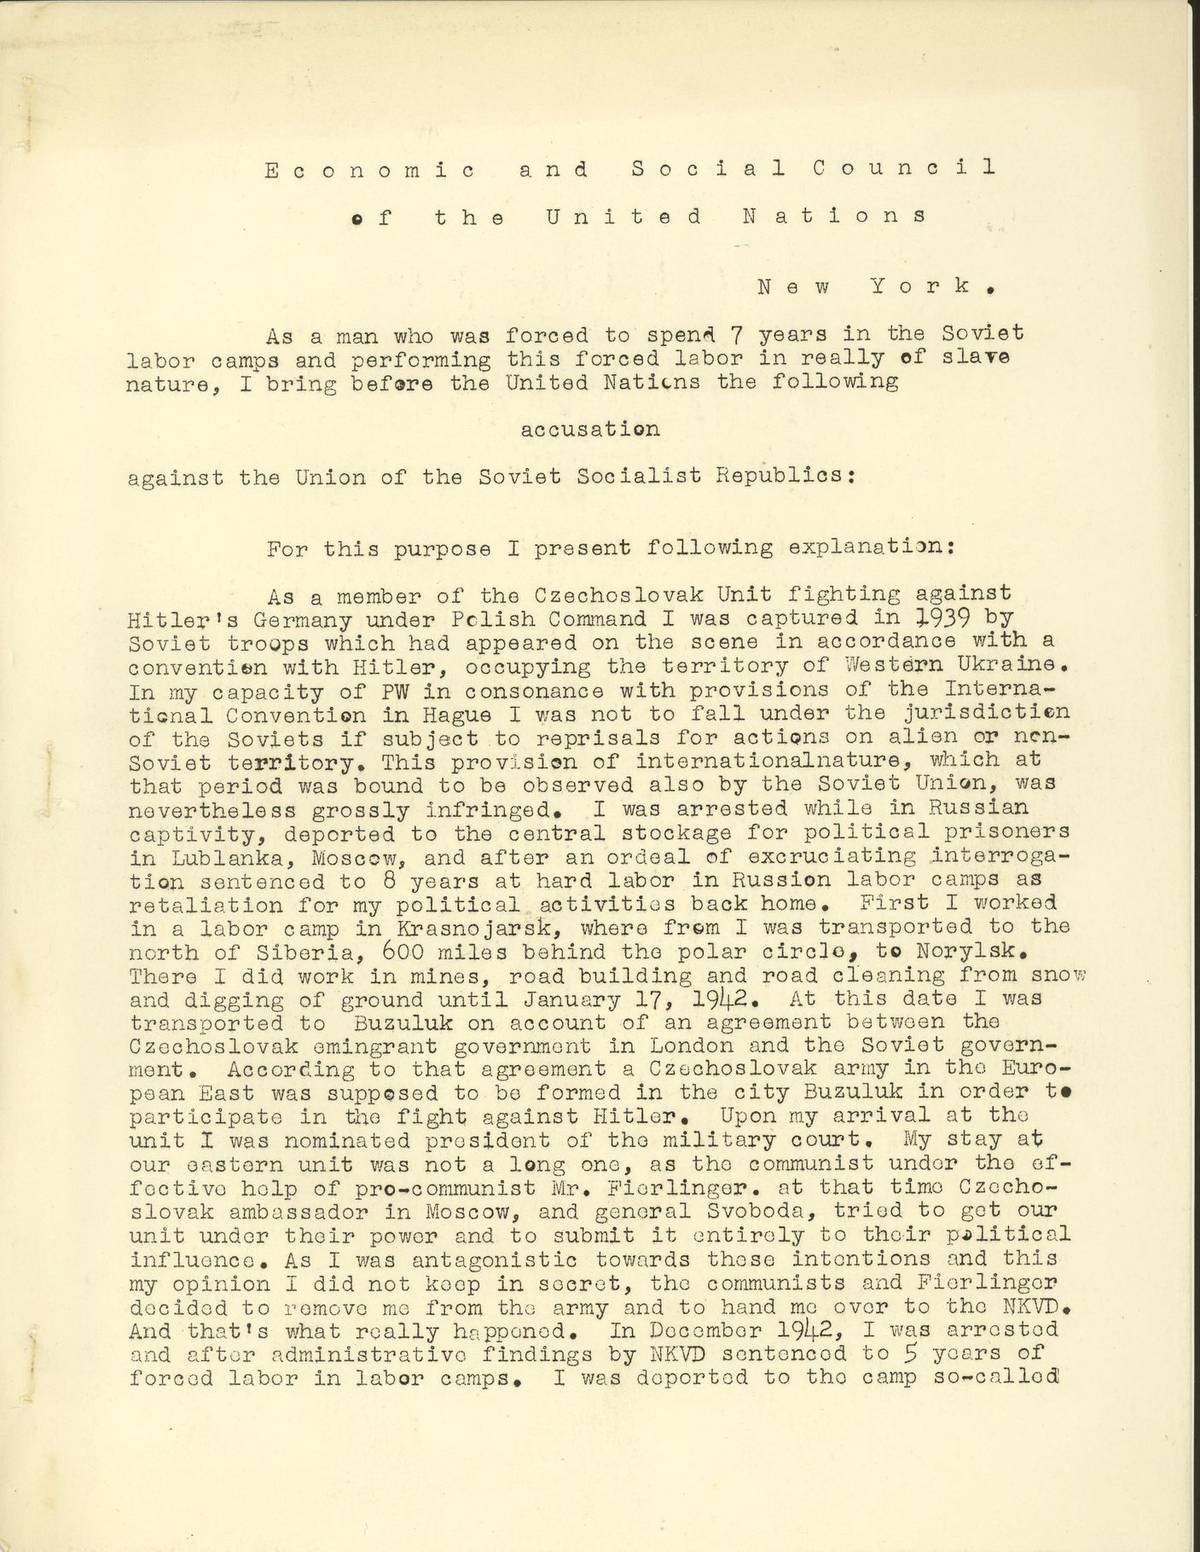 Titulní strana obvinění Sovětského svazu ze zneužívání politických vězňů v gulagu, které František Polák v roce 1953 adresoval OSN.